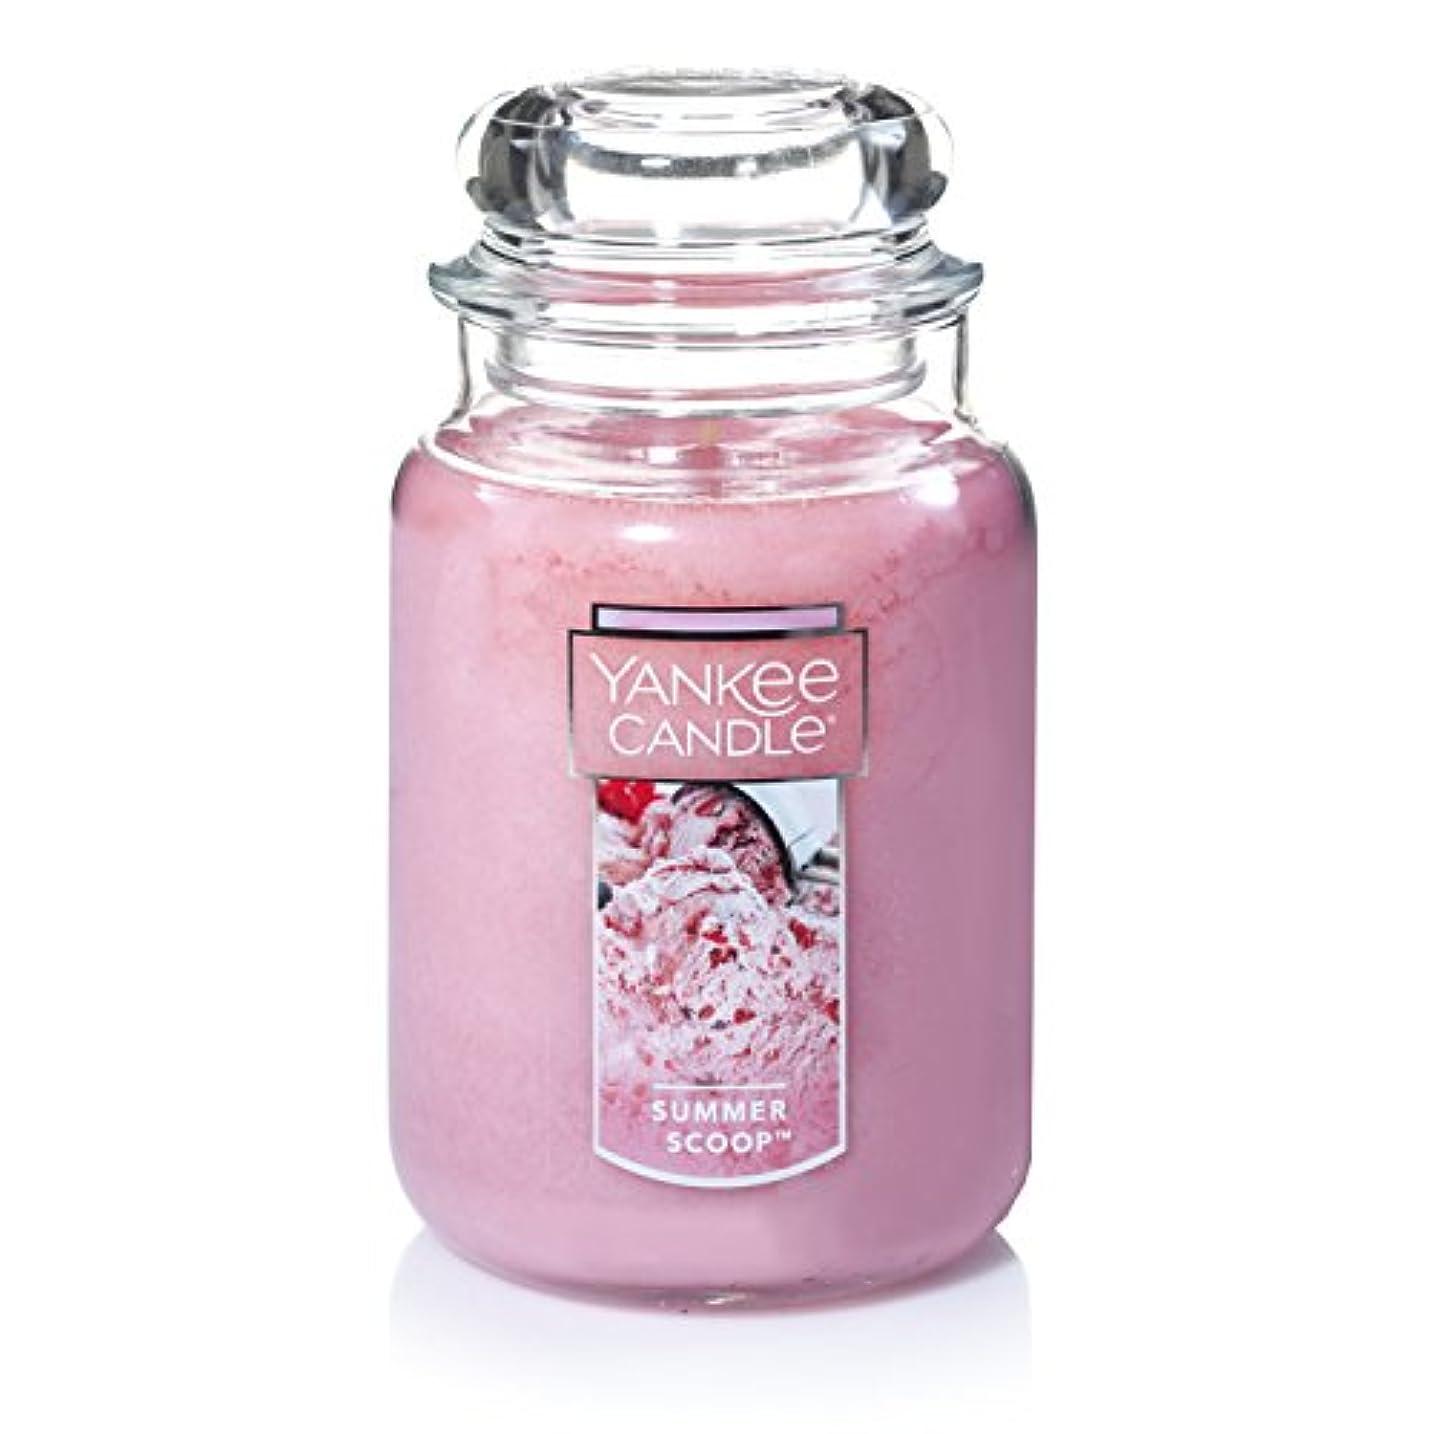 誰作曲家有益Yankee Candle夏スクープ、フルーツ香り Large Jar Candle 1257046